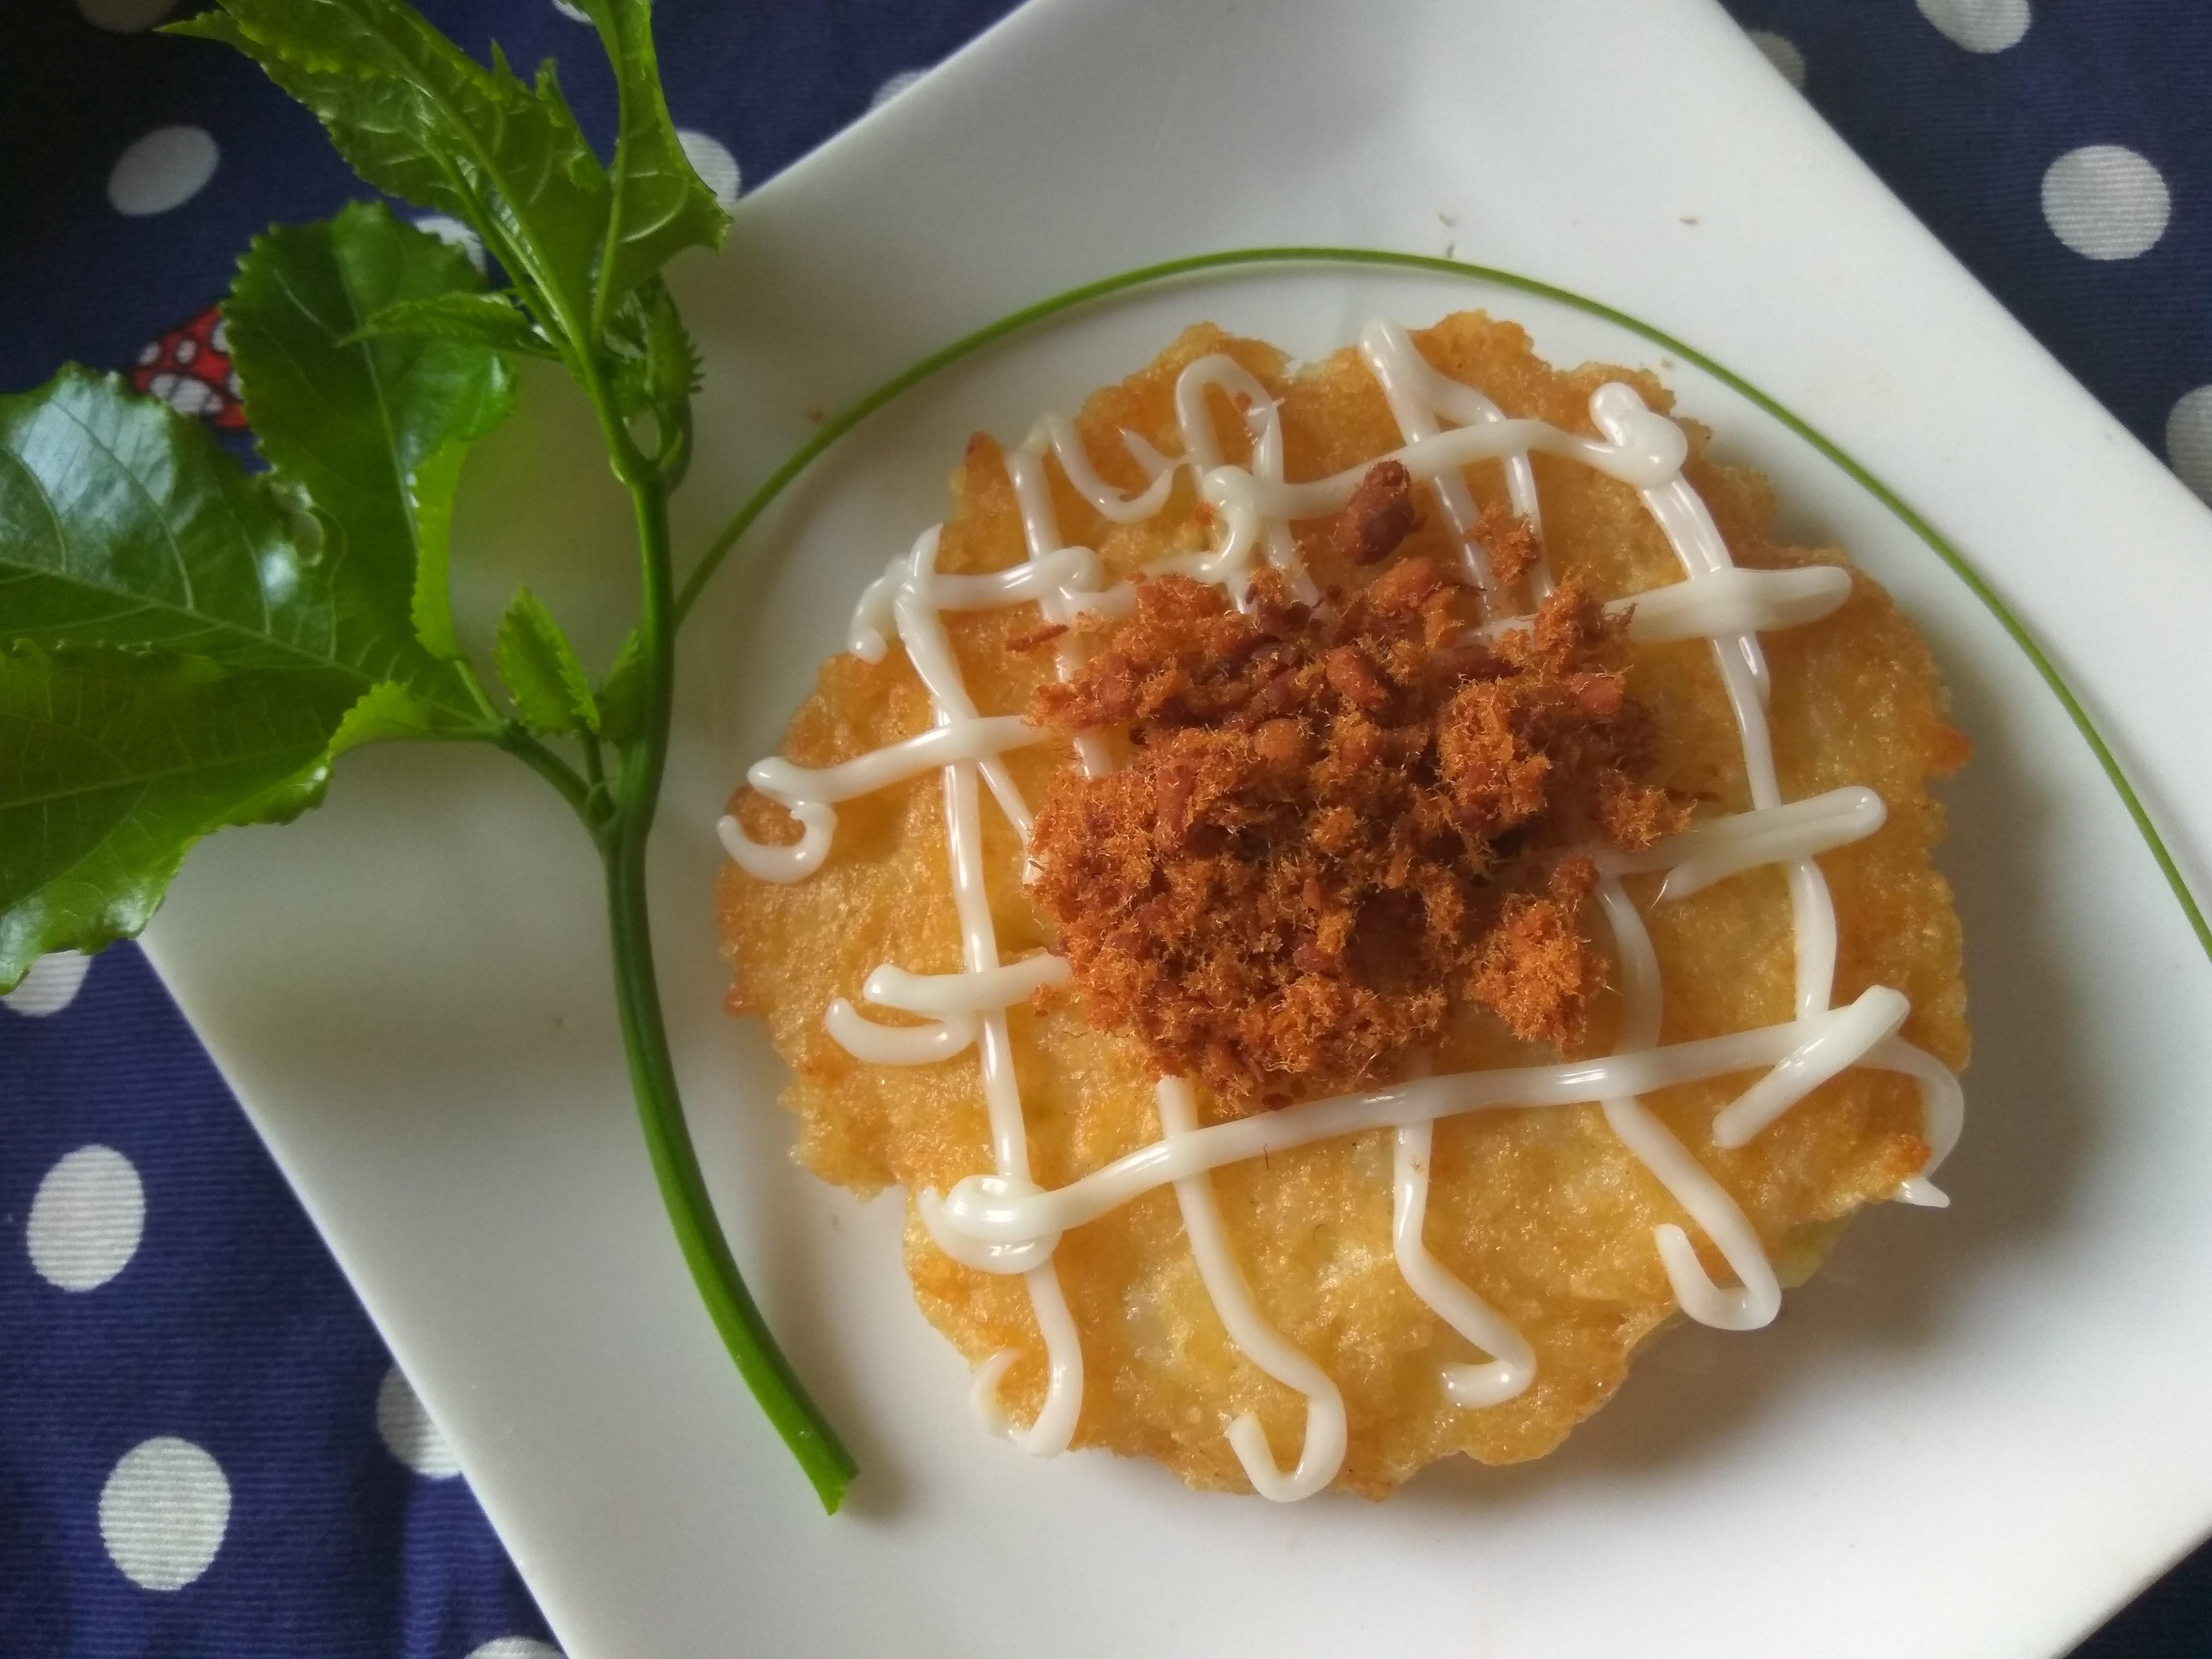 十分鐘早餐上桌─香煎肉鬆米蛋燒